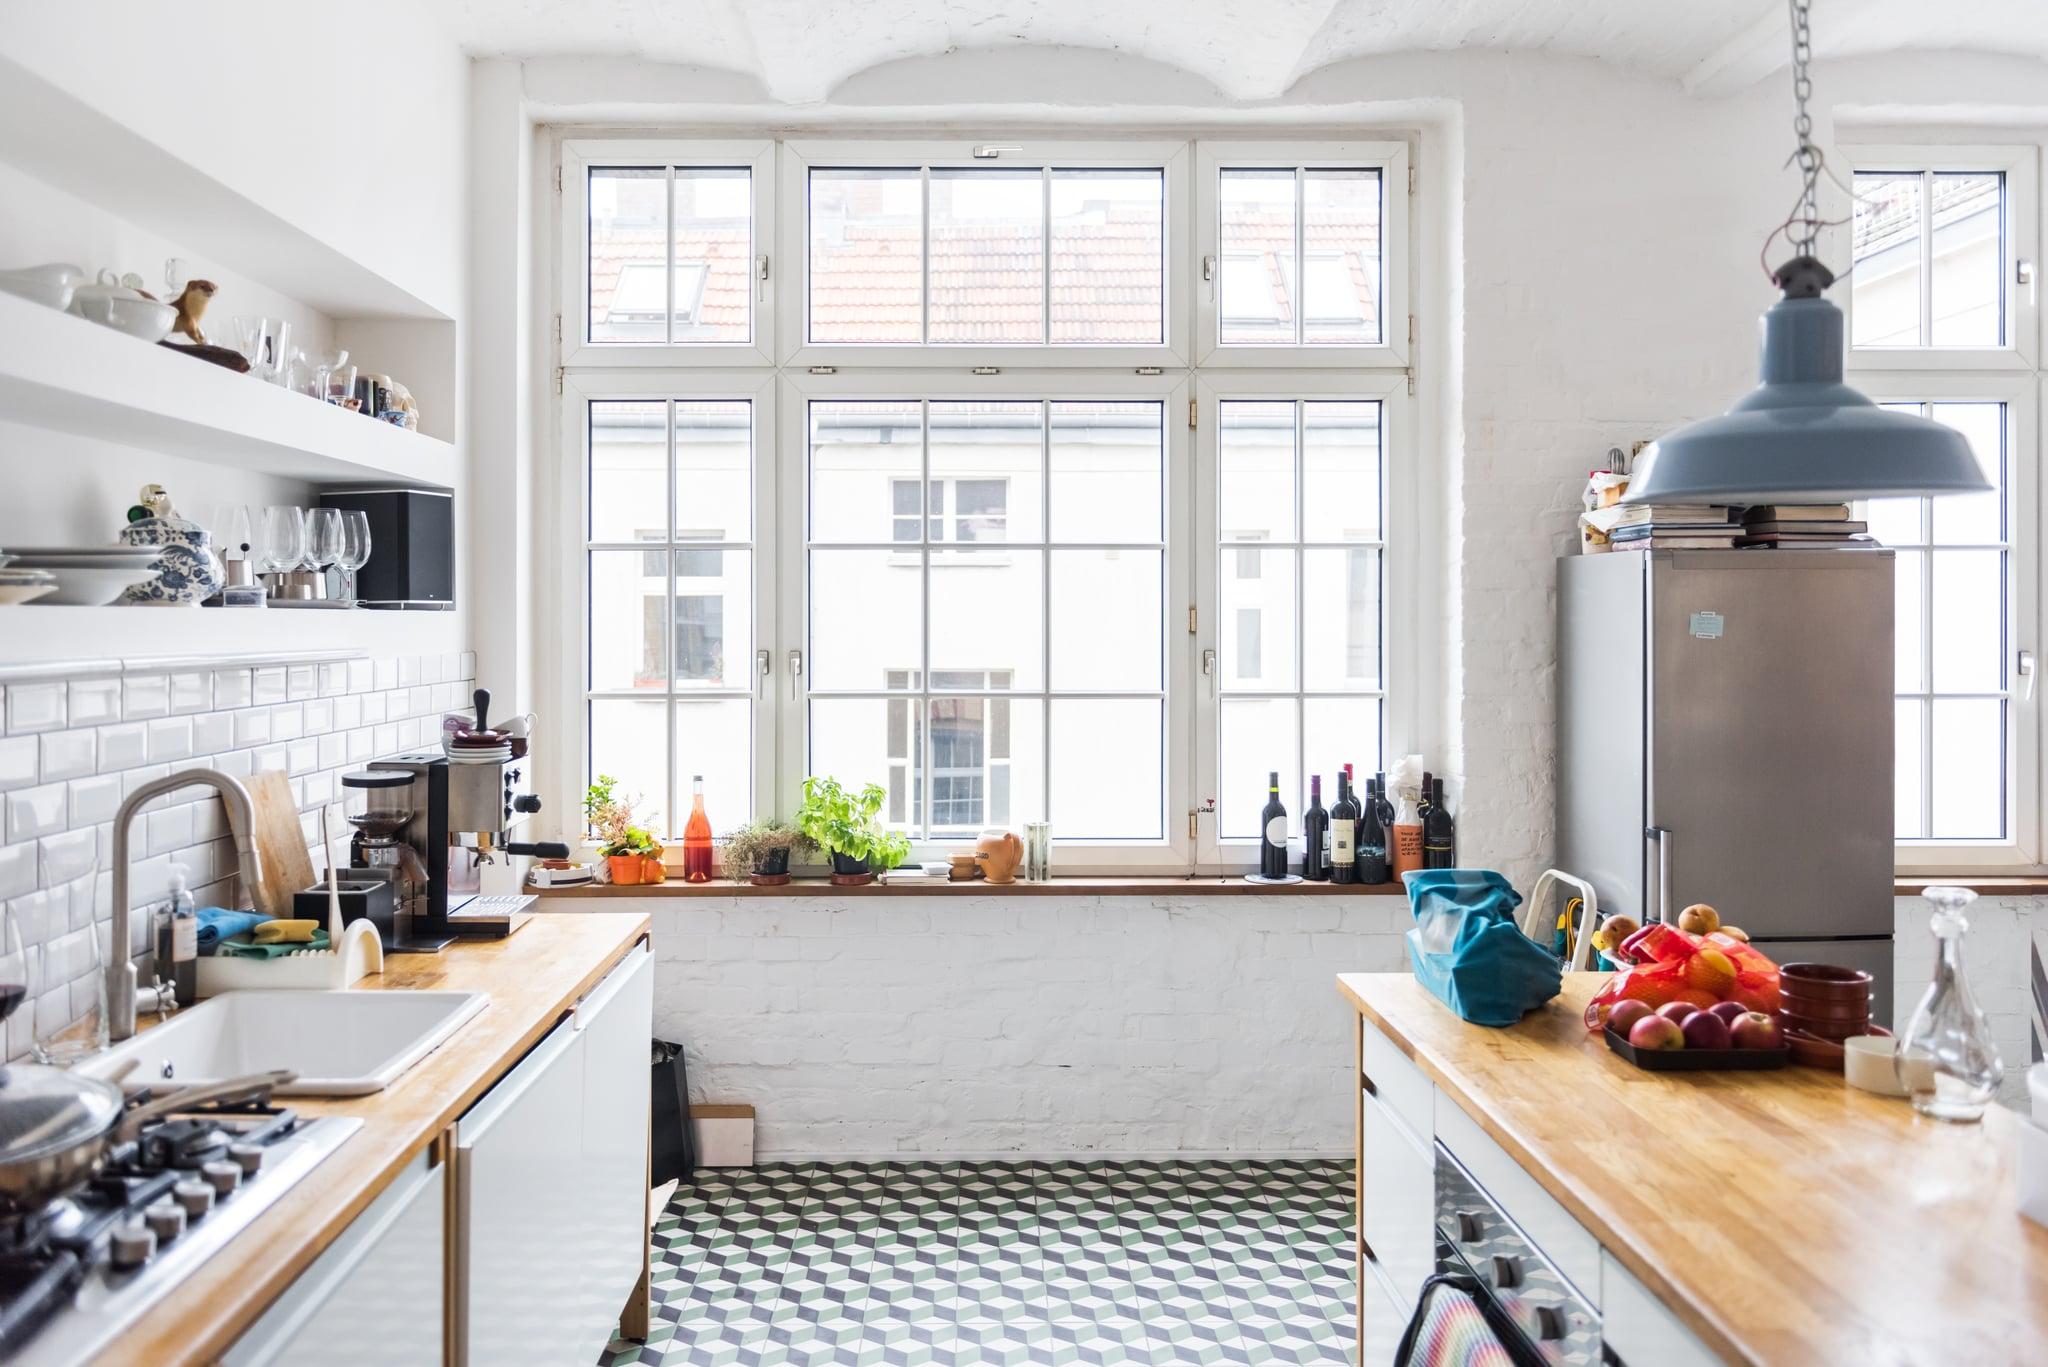 Modern and bright Loft kitchen